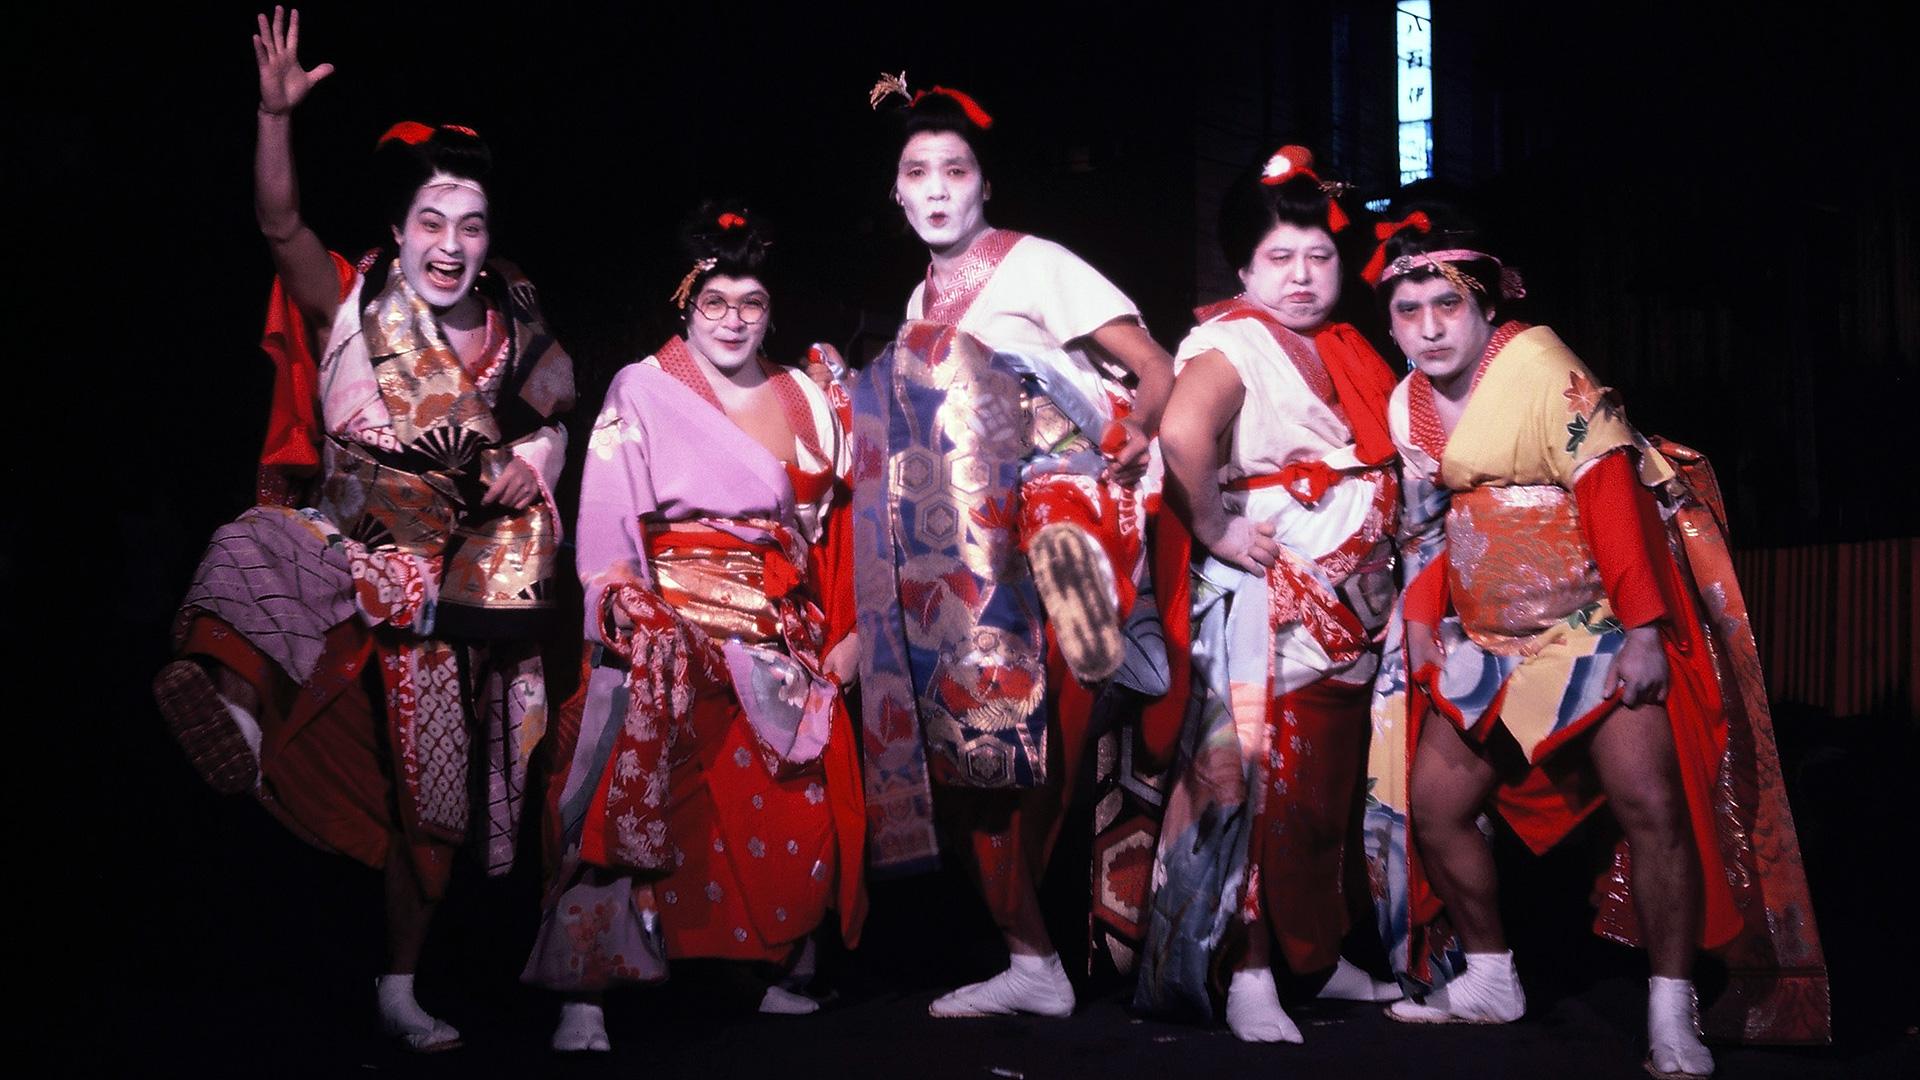 映画「舞妓はんだよ全員集合!!」【HD初放送&未DVD化作品】